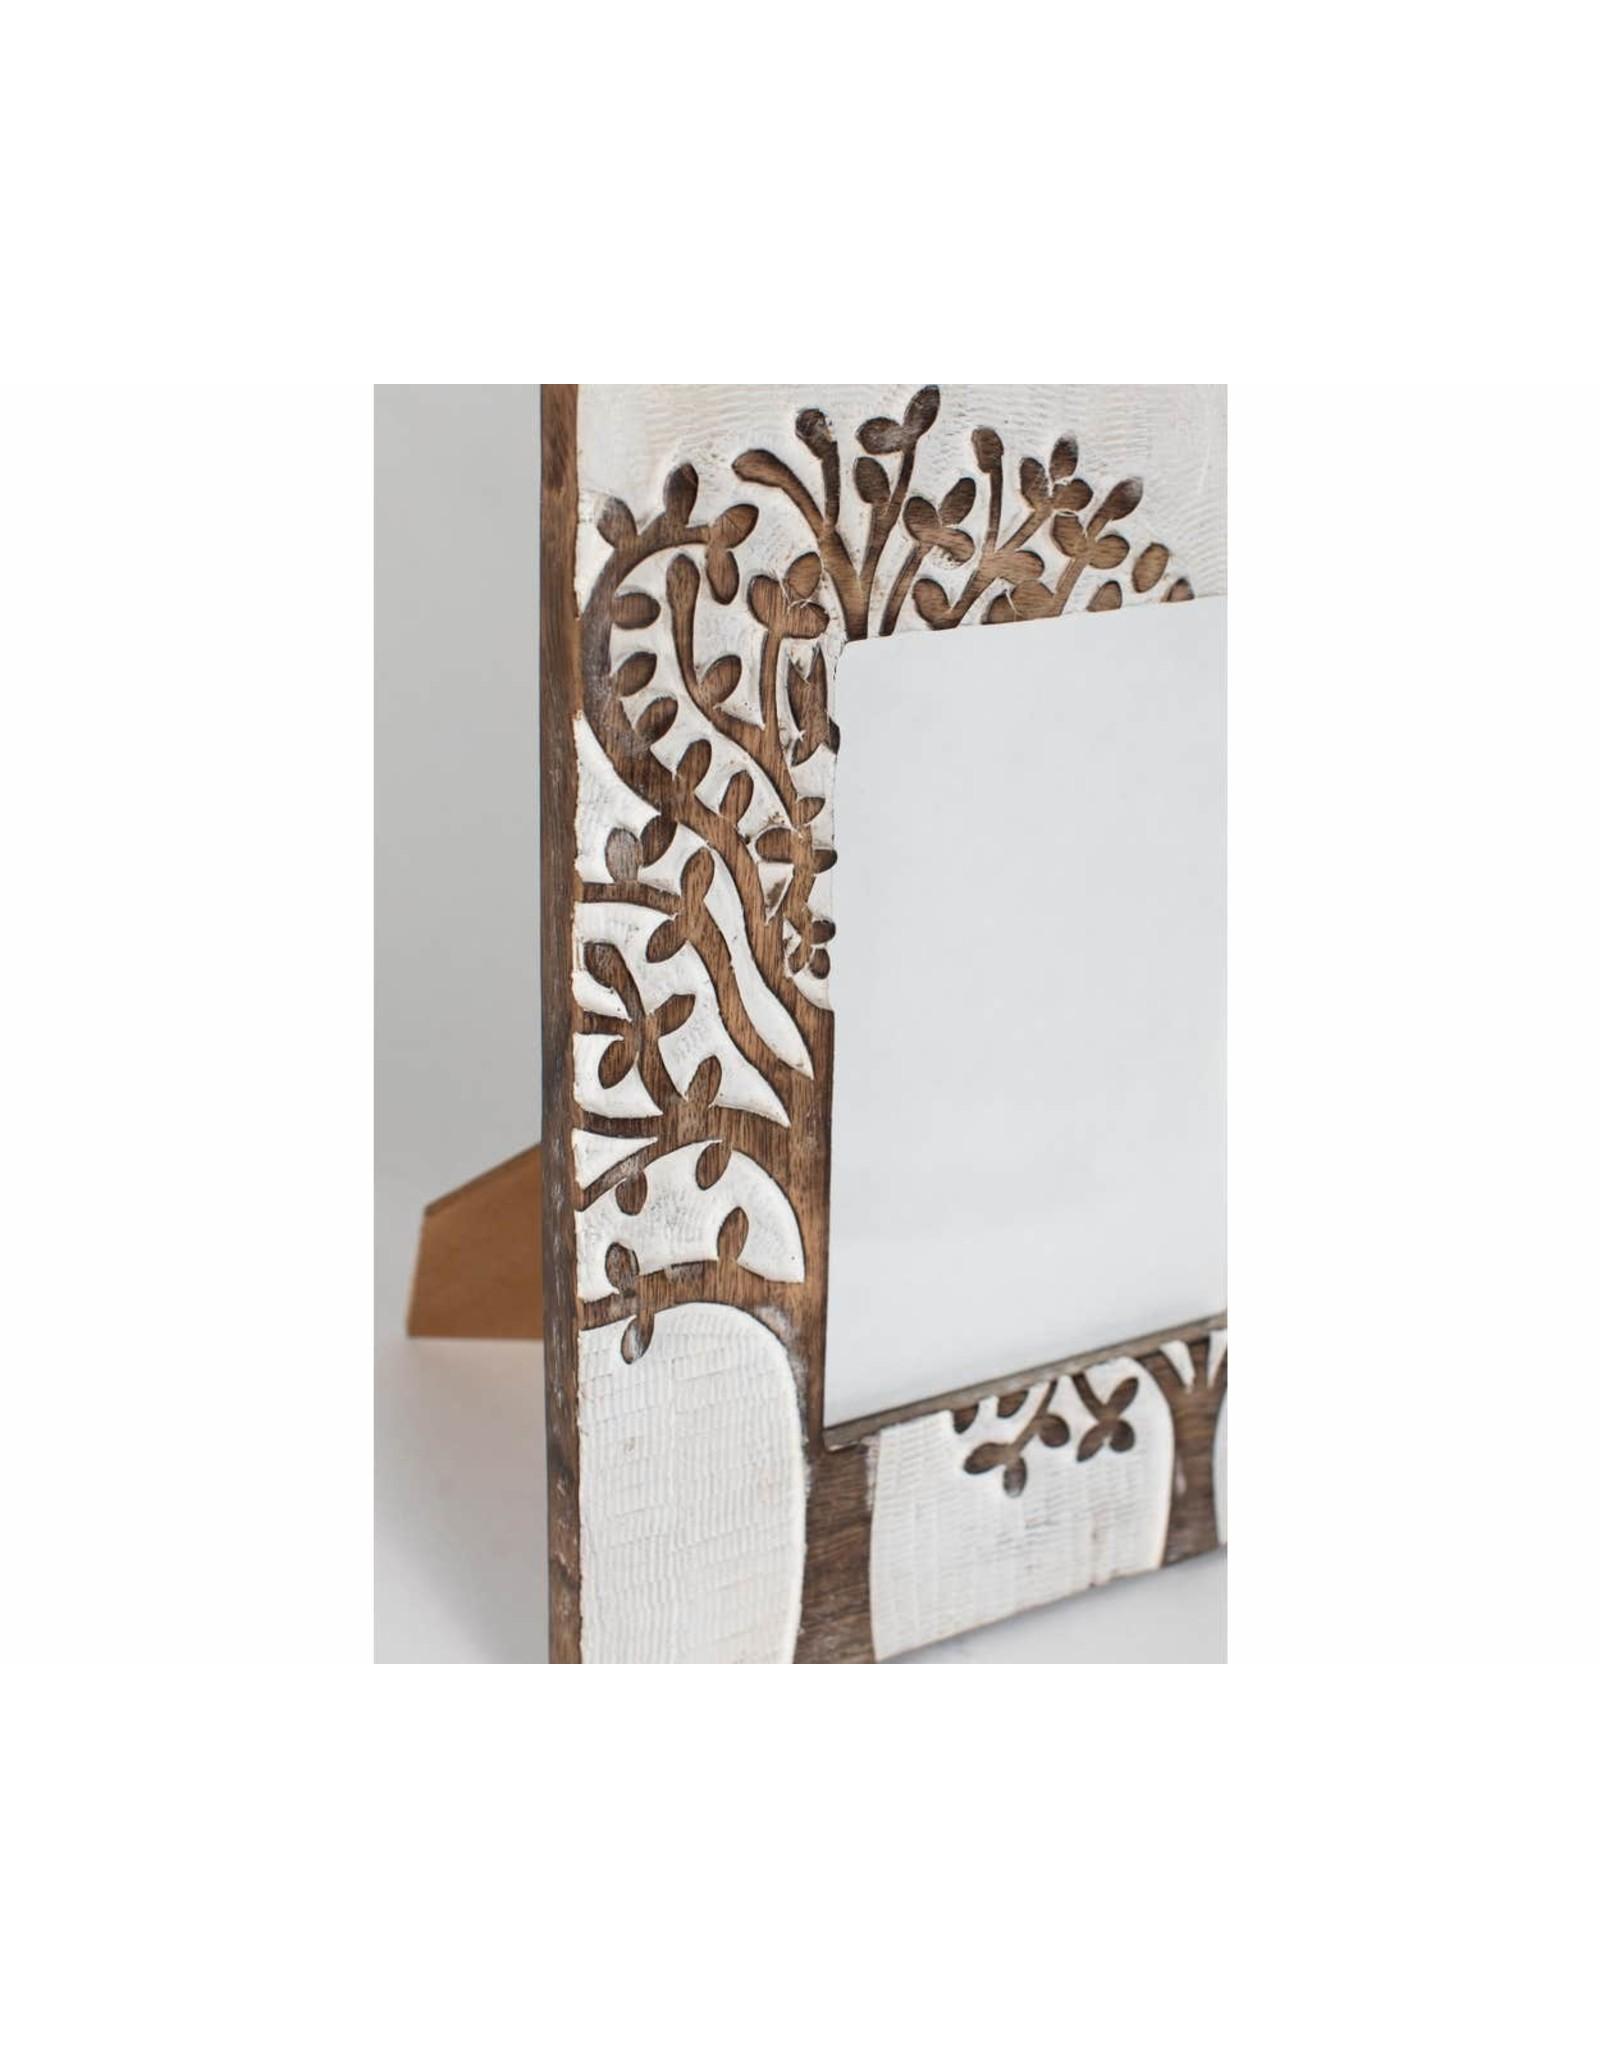 Mango Wood Tree Frame, India